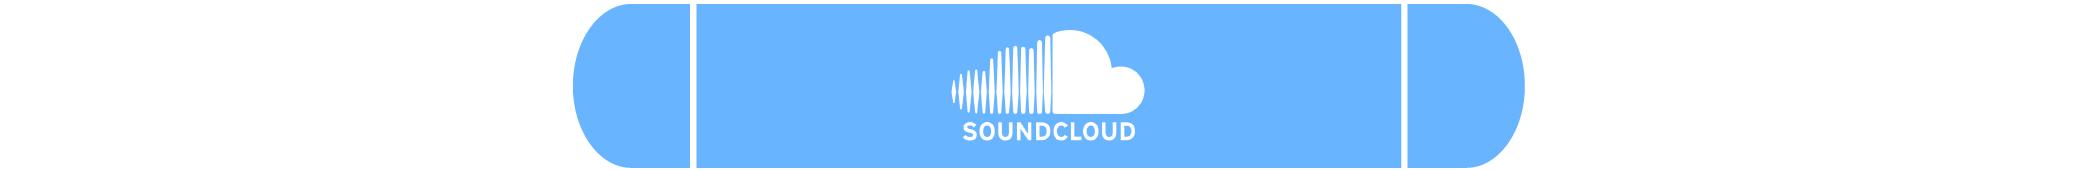 imp_soundcloud.png